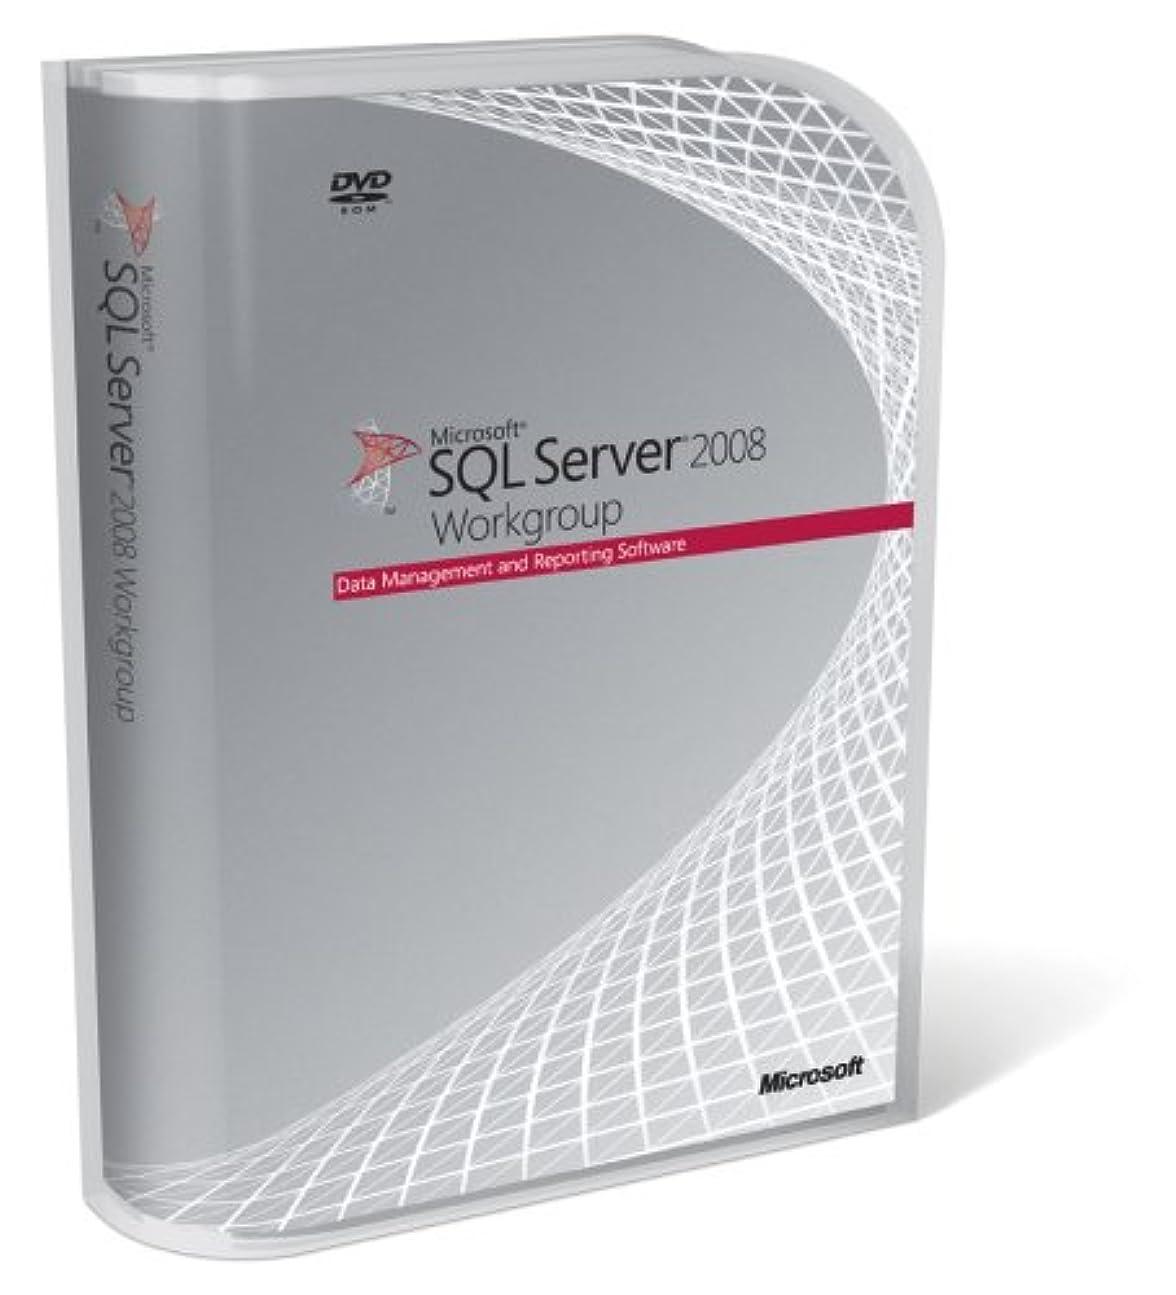 痴漢ハンマードライSQL Server 2008 Workgroup 日本語版 5CAL 付き